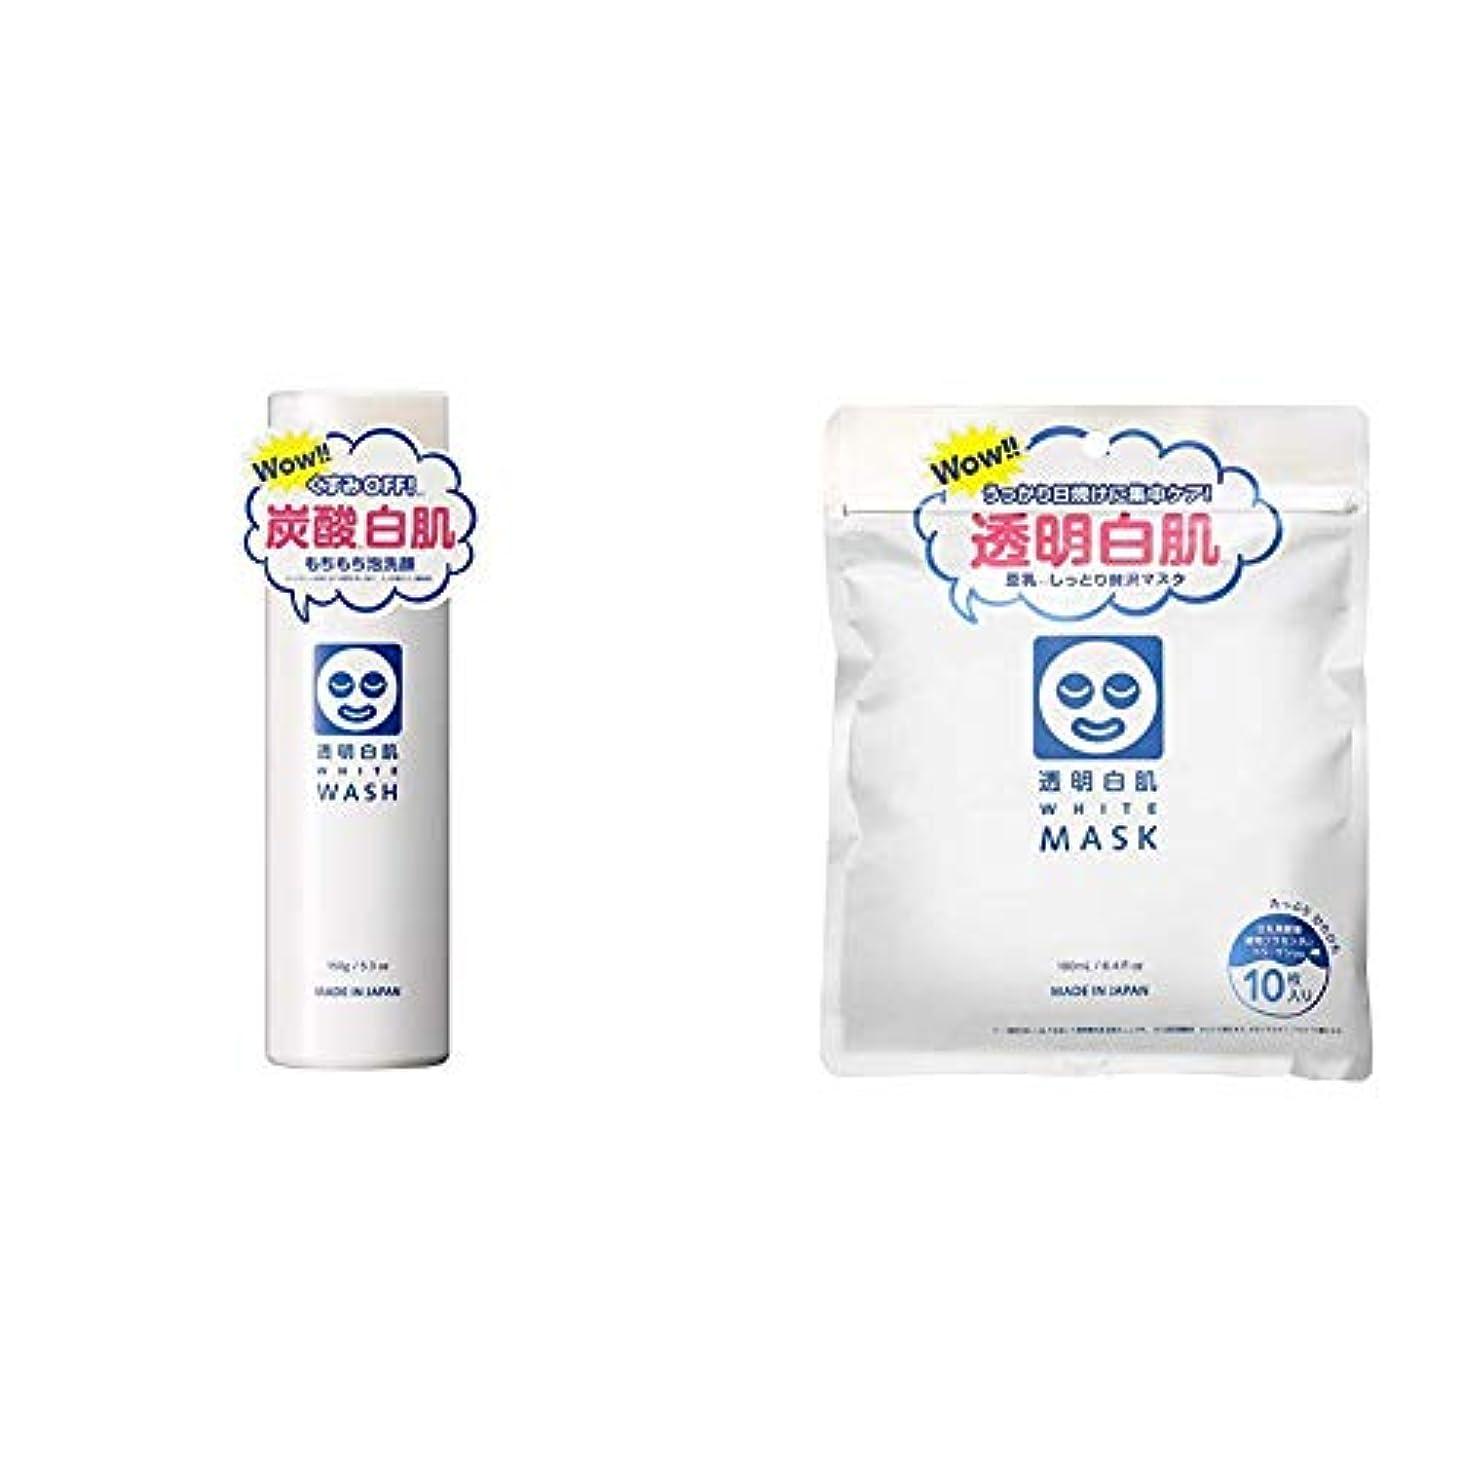 ホステス補助寝る透明白肌 ホワイトウォッシュN & ホワイトマスクN